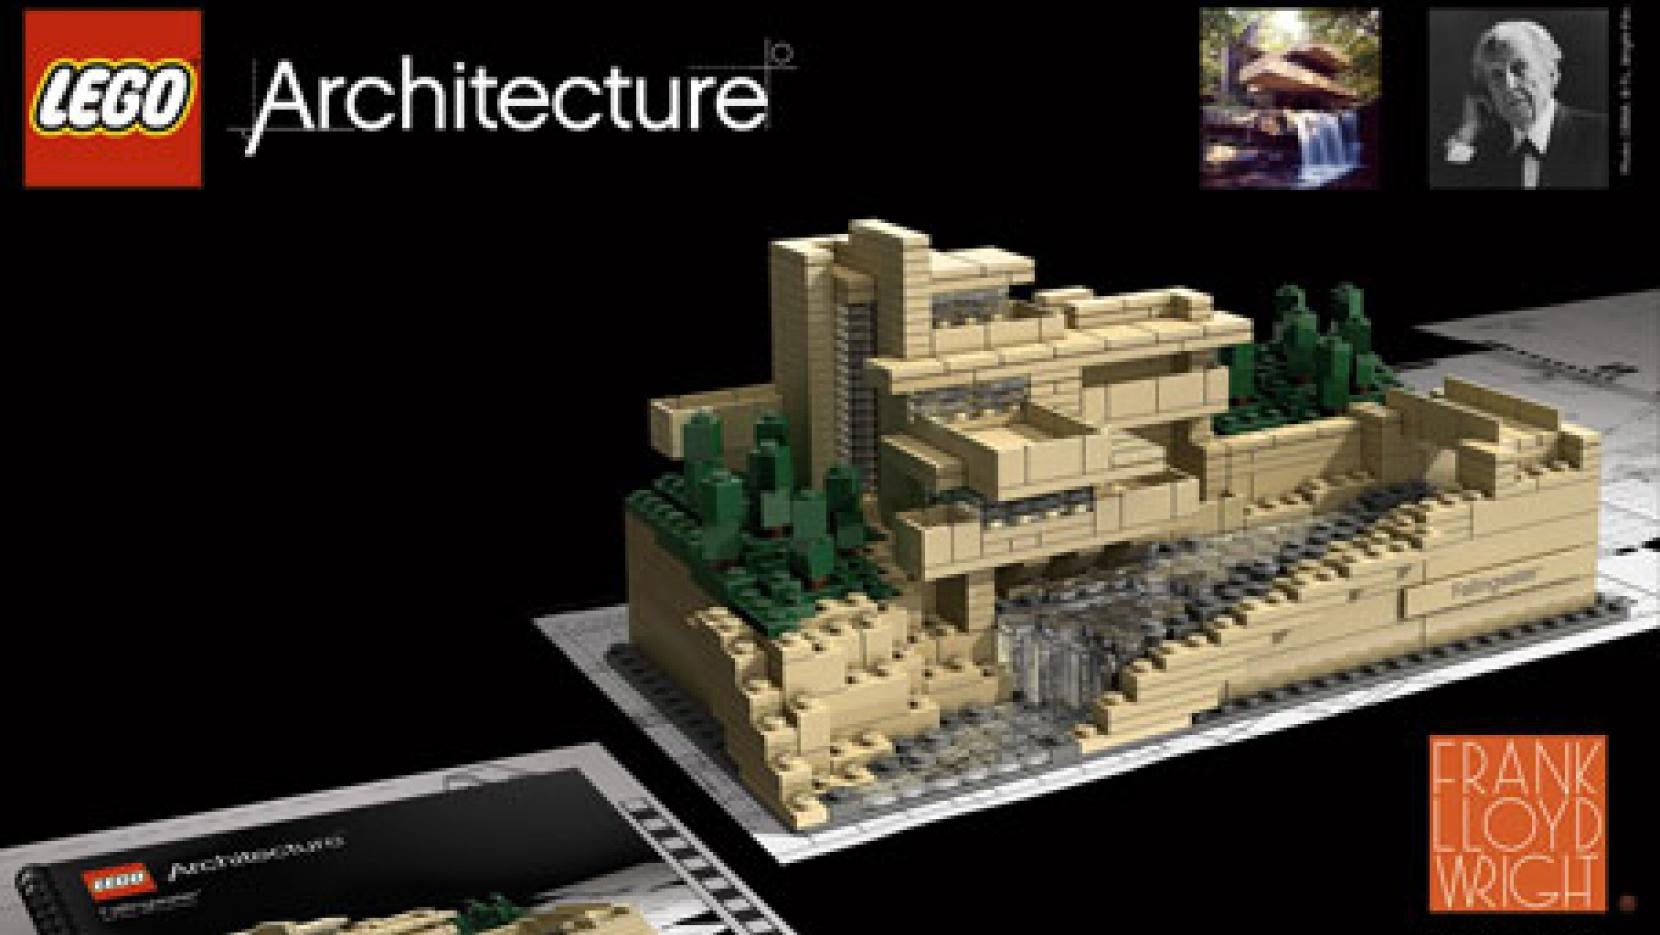 Frank Lloyd Wright S Lego Architecture Sets Yatzer